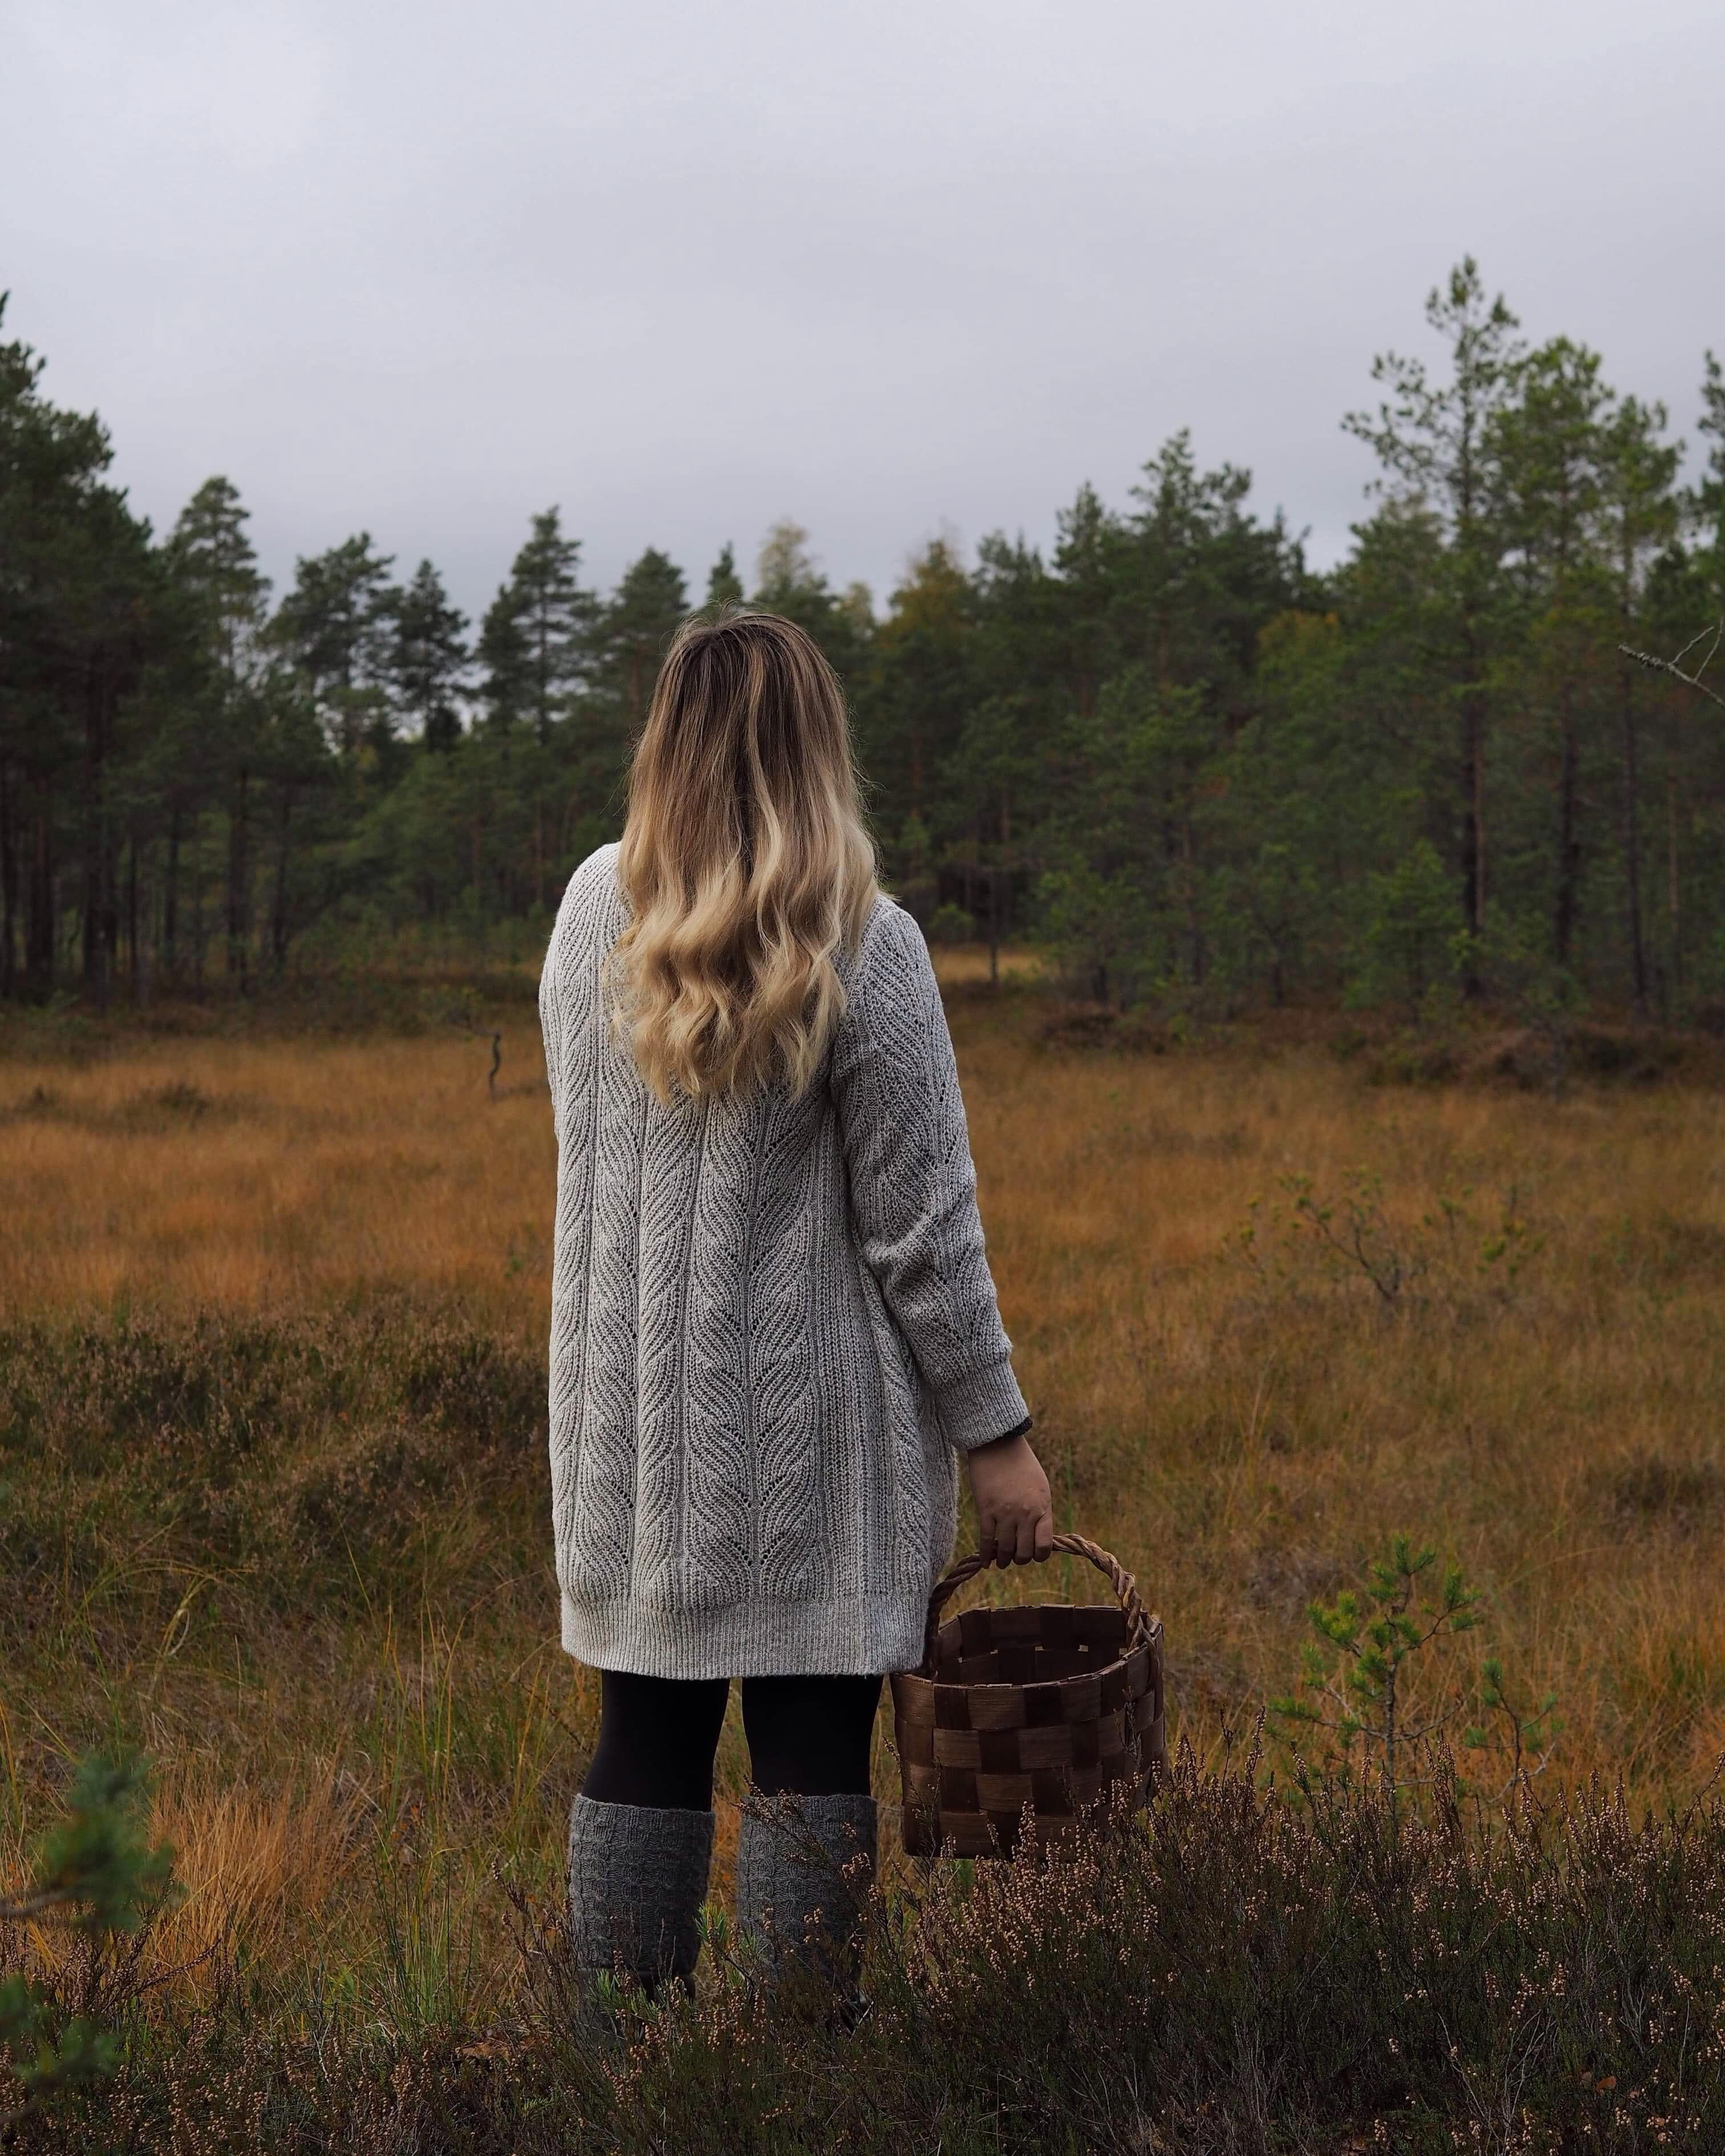 Syyskuu täynnä paksuja villaneuleita ja metsäretkiä